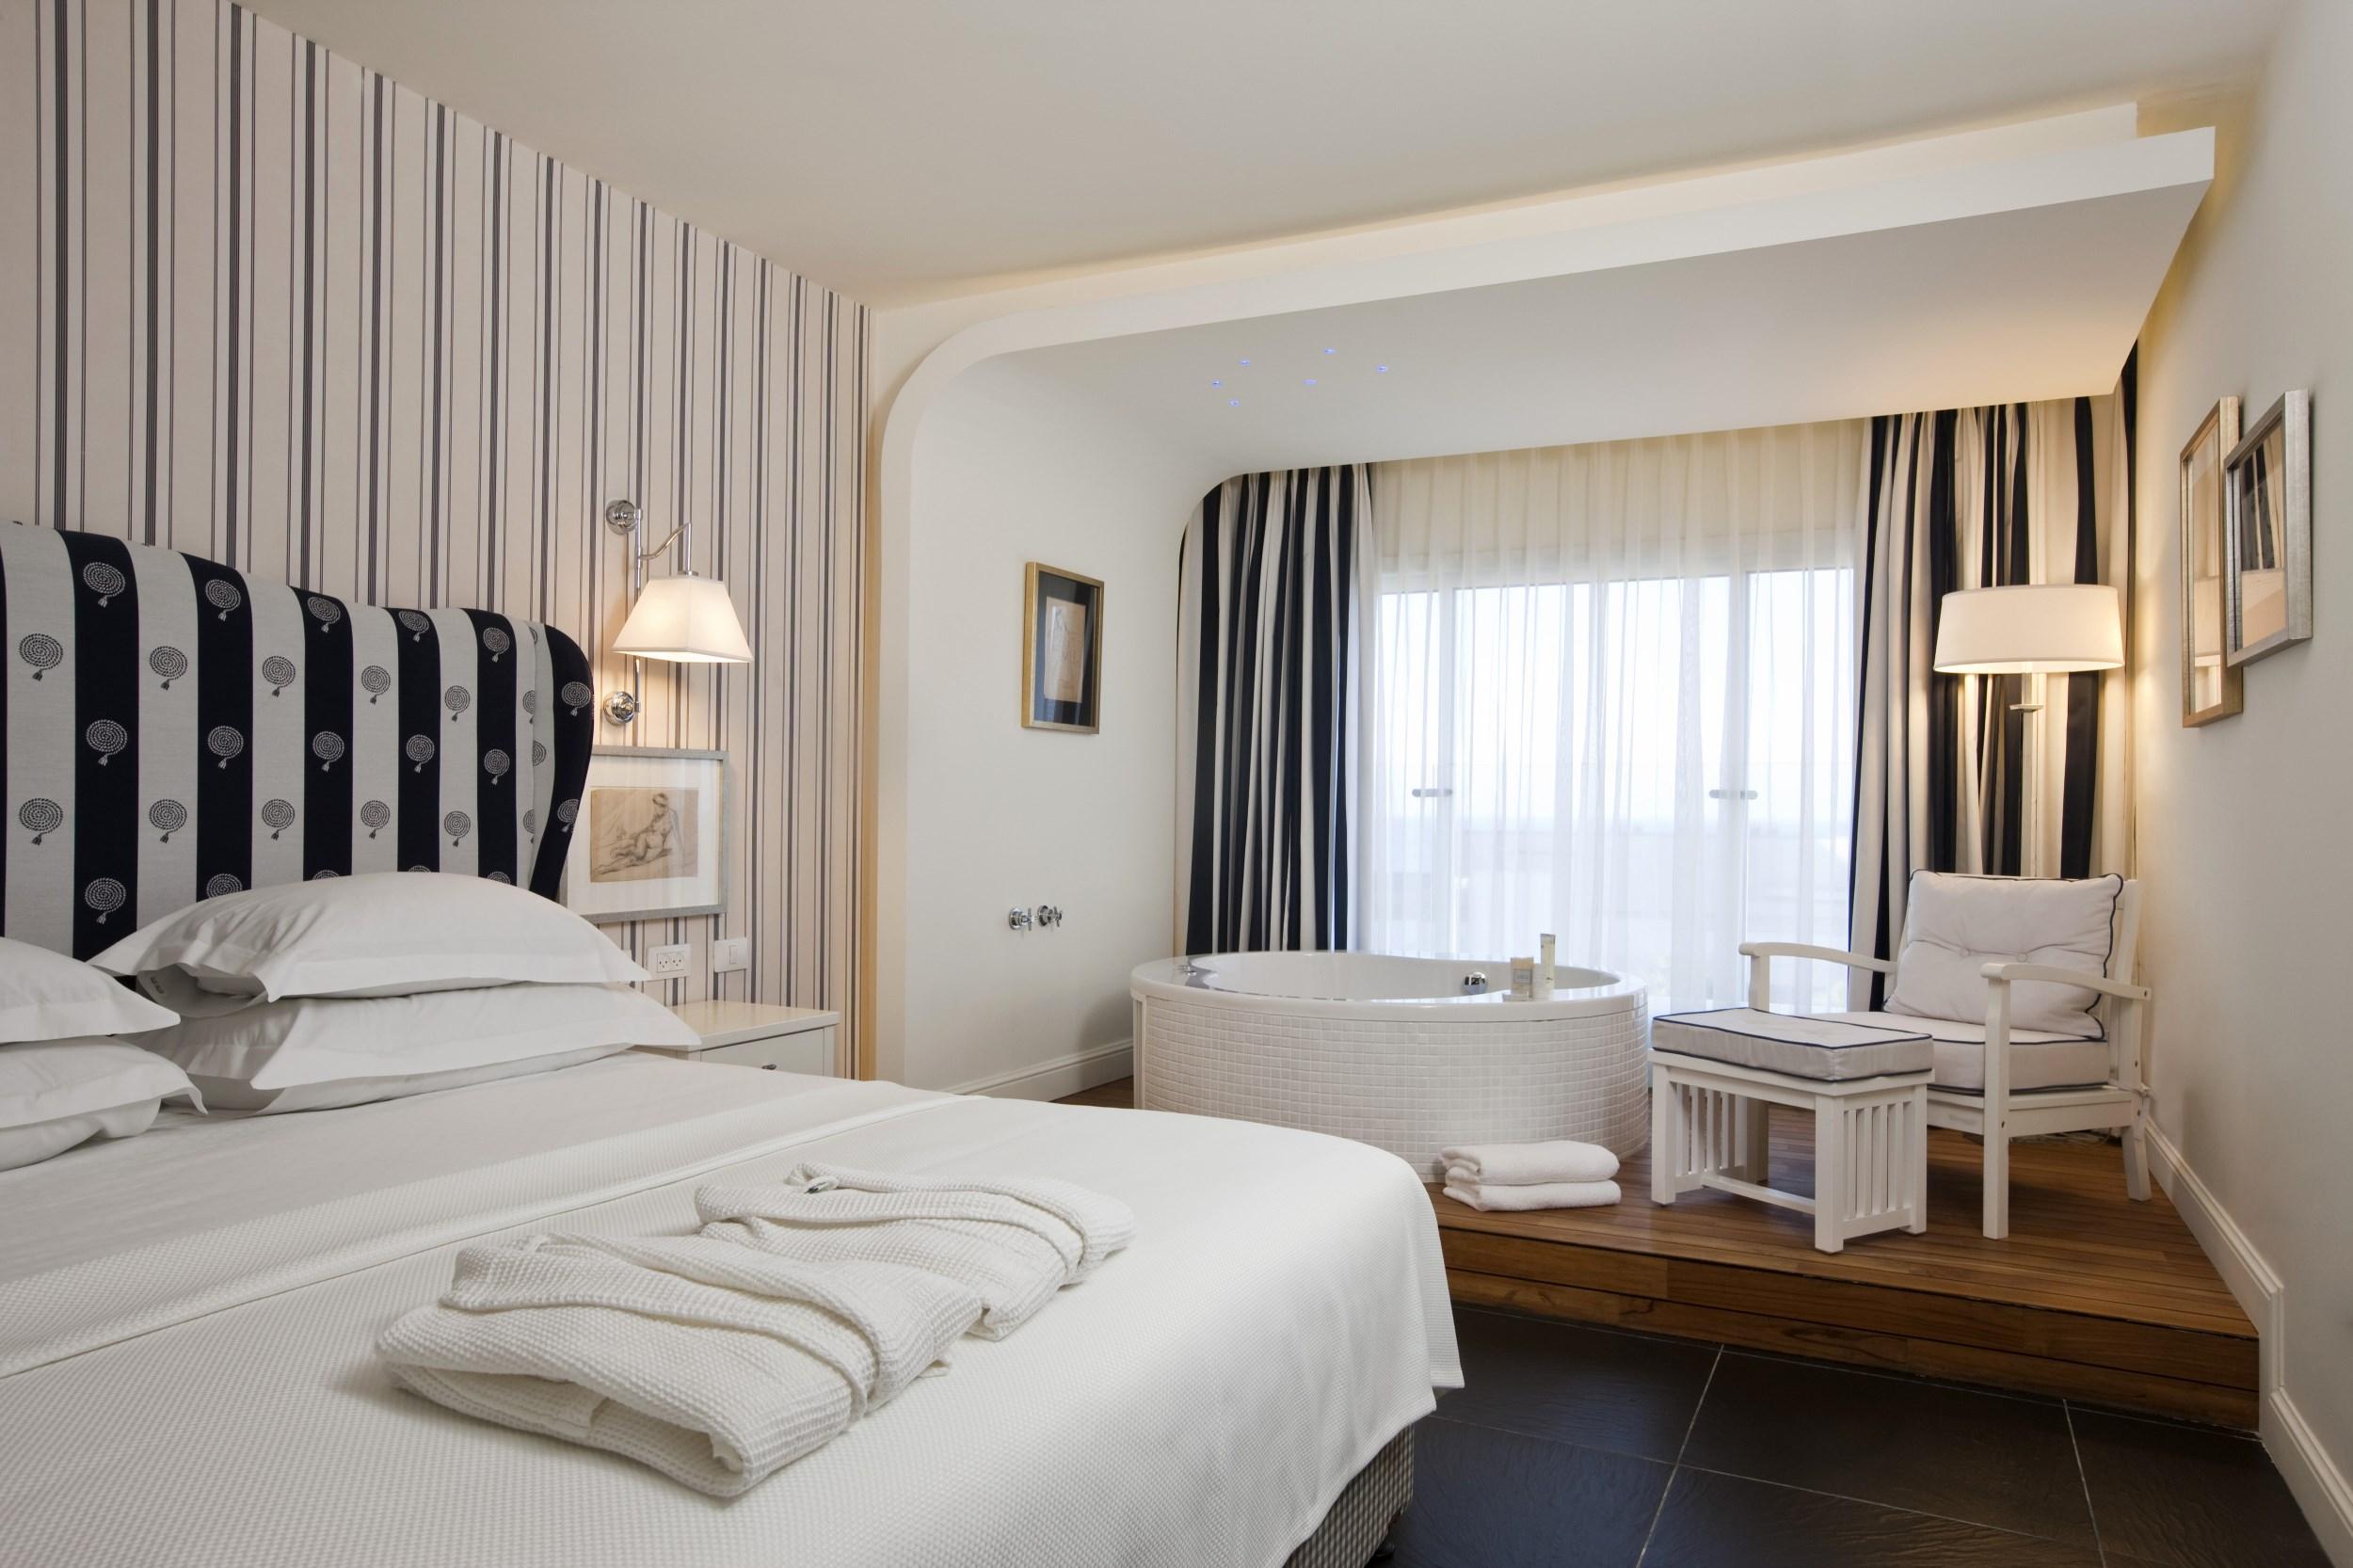 hotel-shalom-07